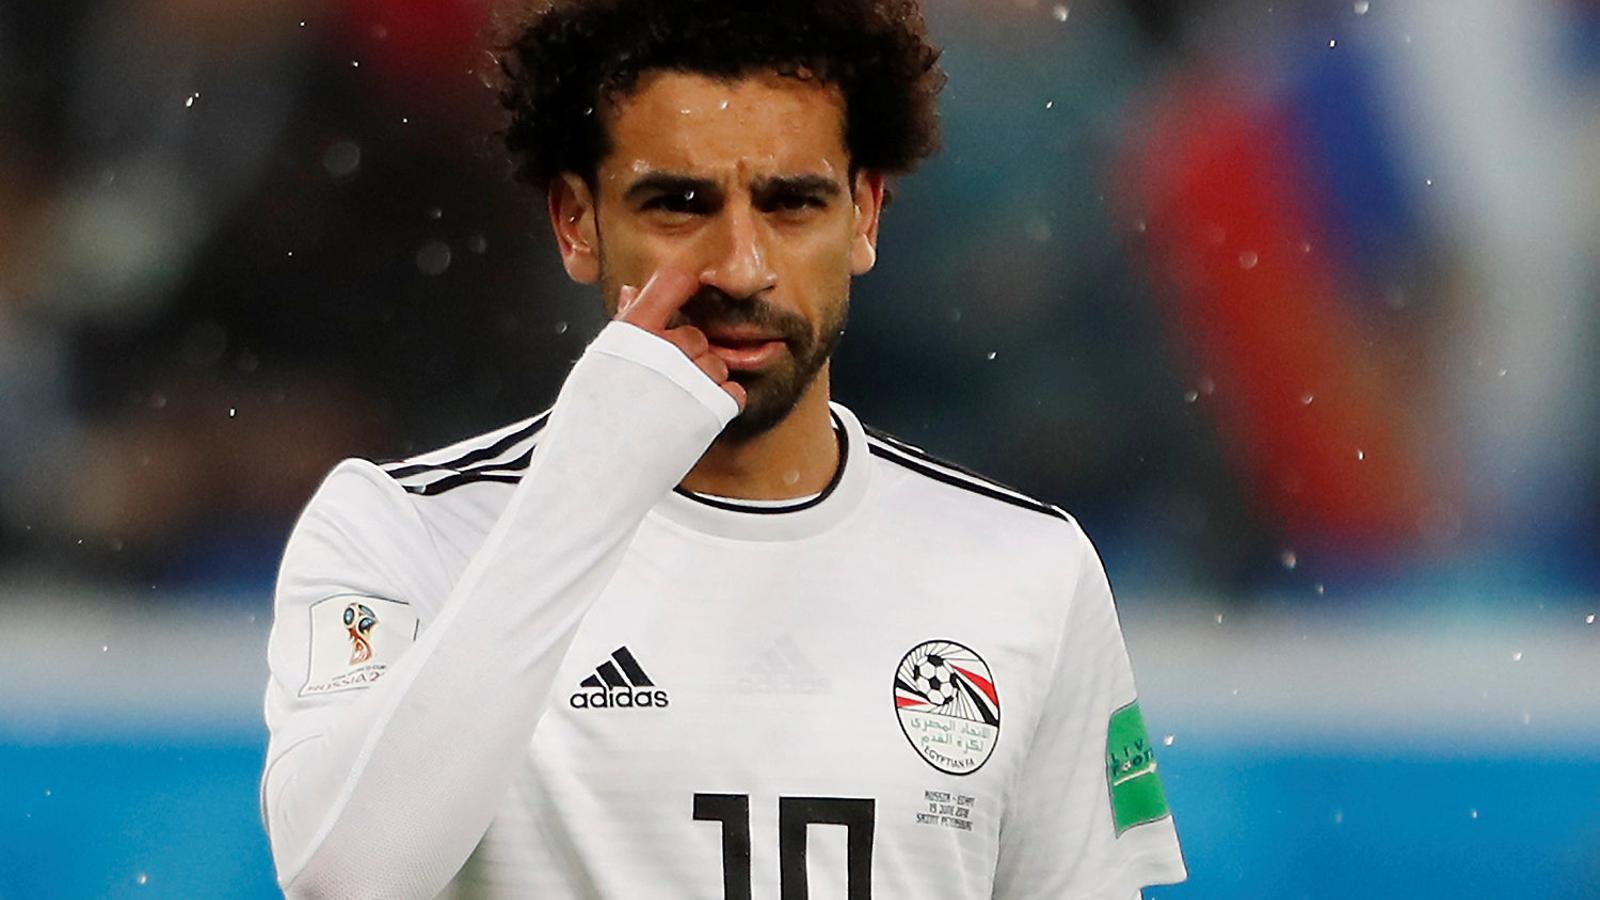 Les llàgrimes de Salah  i els acudits de Ramos